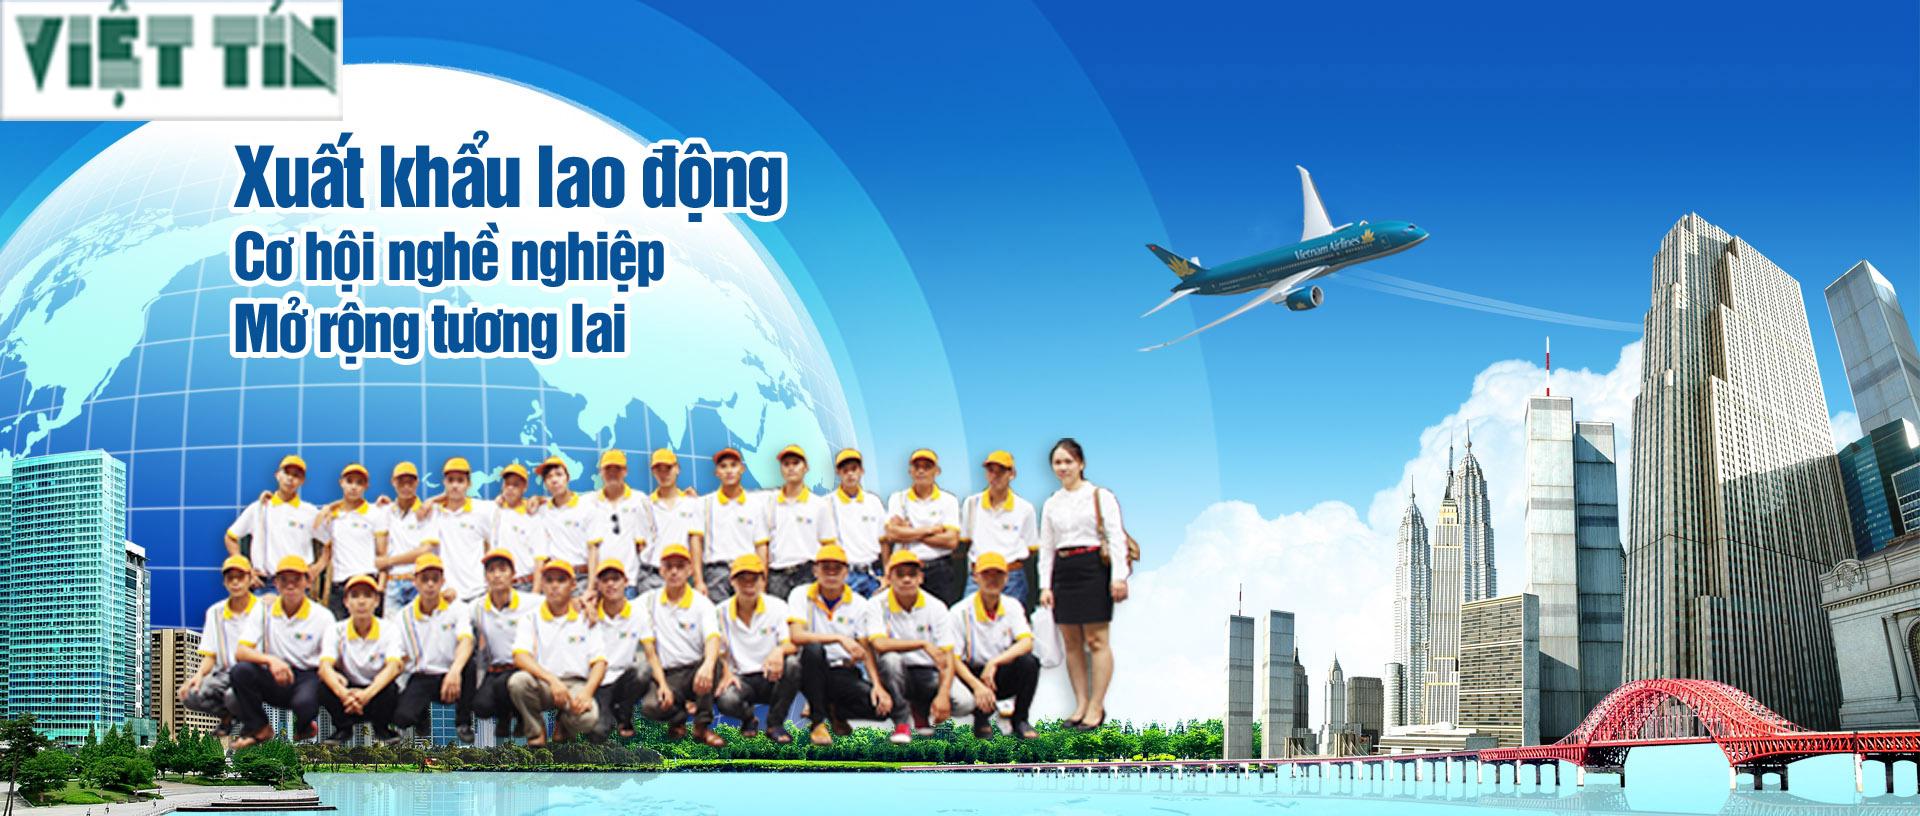 Xin giấy phép xuất khẩu lao động tại Luật Việt Tín